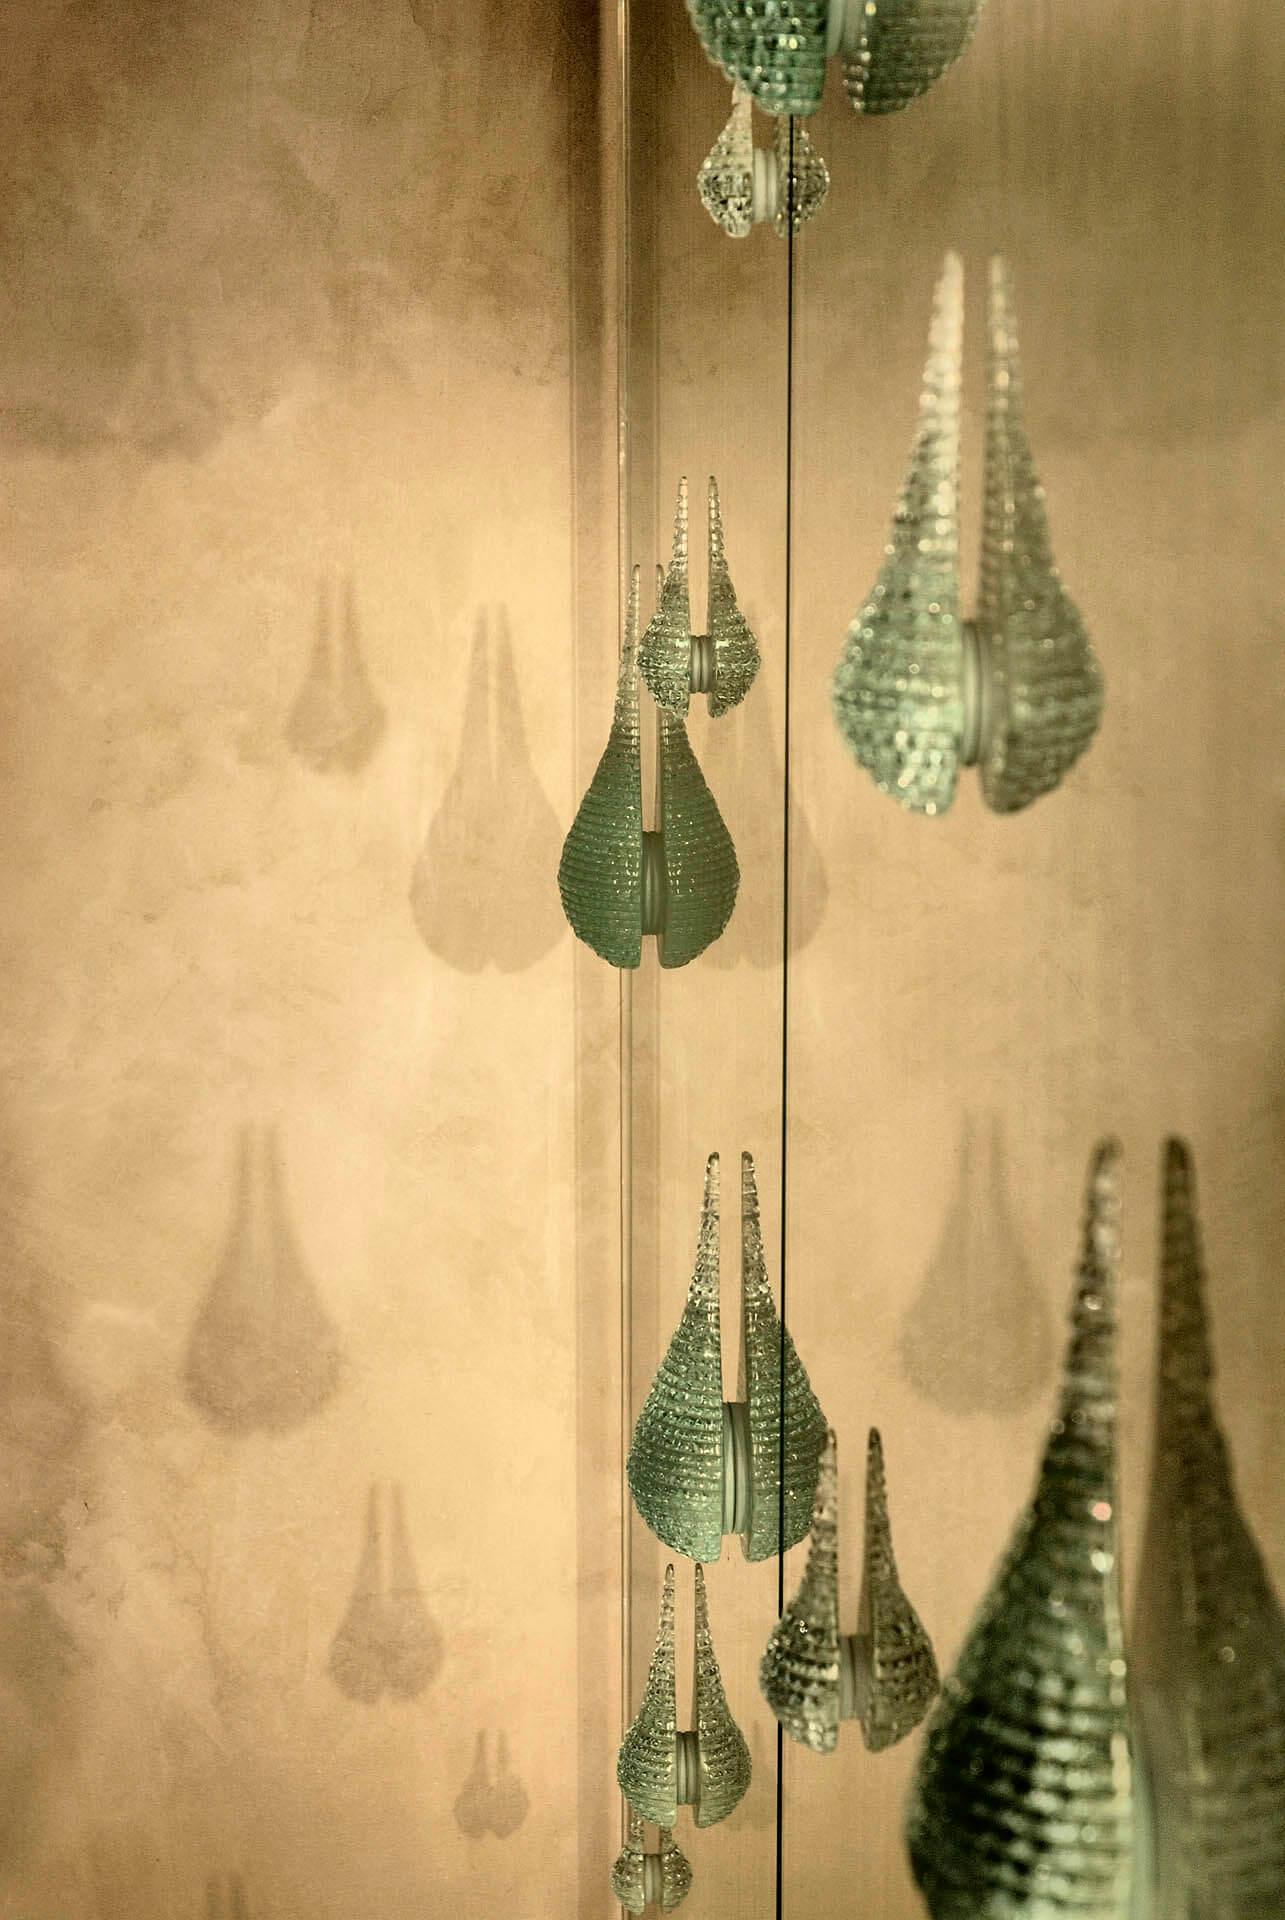 projets sp ciaux pi ces uniques deux ailes laurent beyne luminaires contemporains de. Black Bedroom Furniture Sets. Home Design Ideas